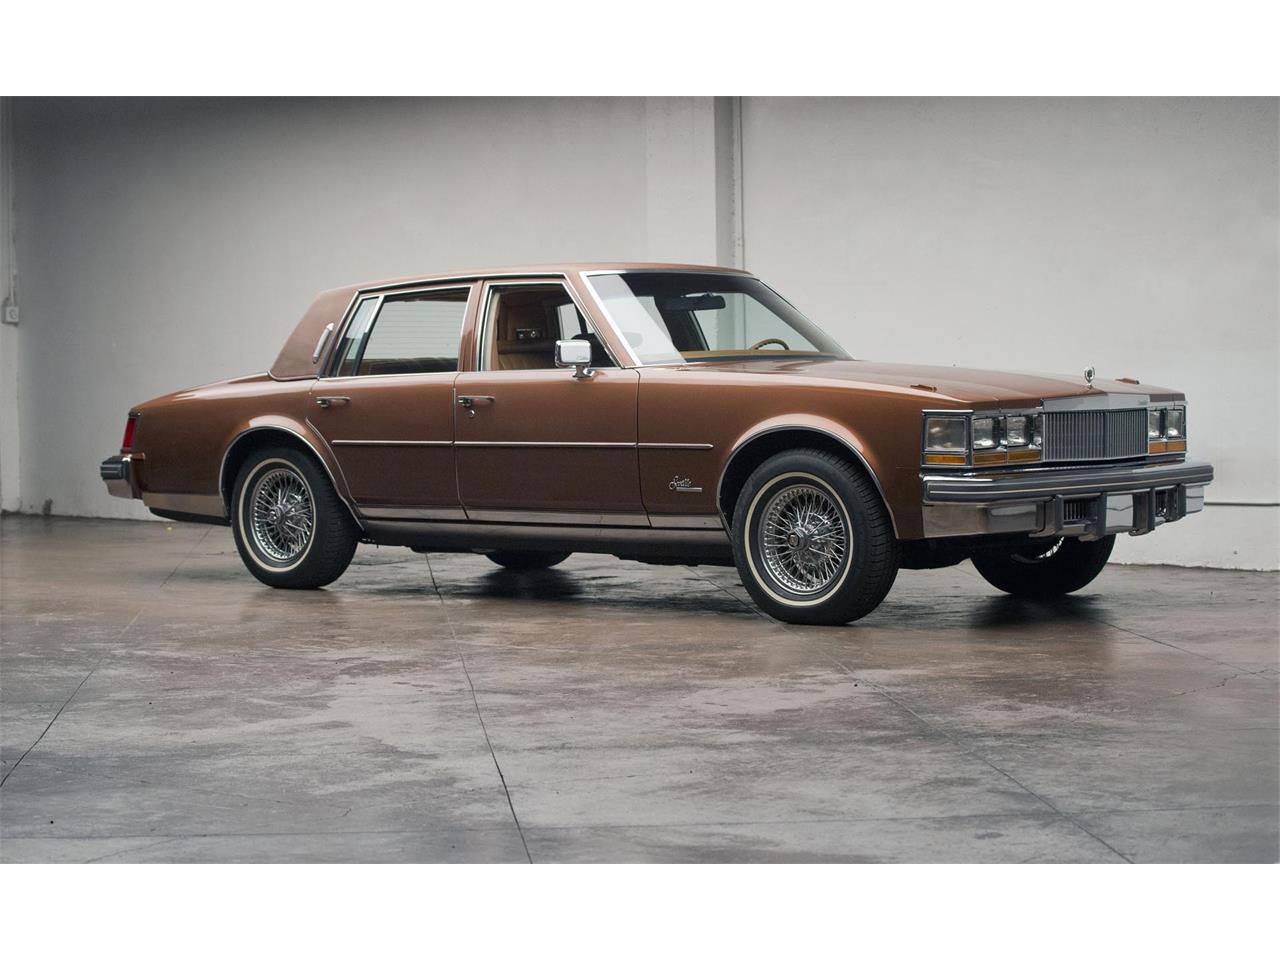 1978 Cadillac Seville (CC-1248302) for sale in Corpus Christi, Texas